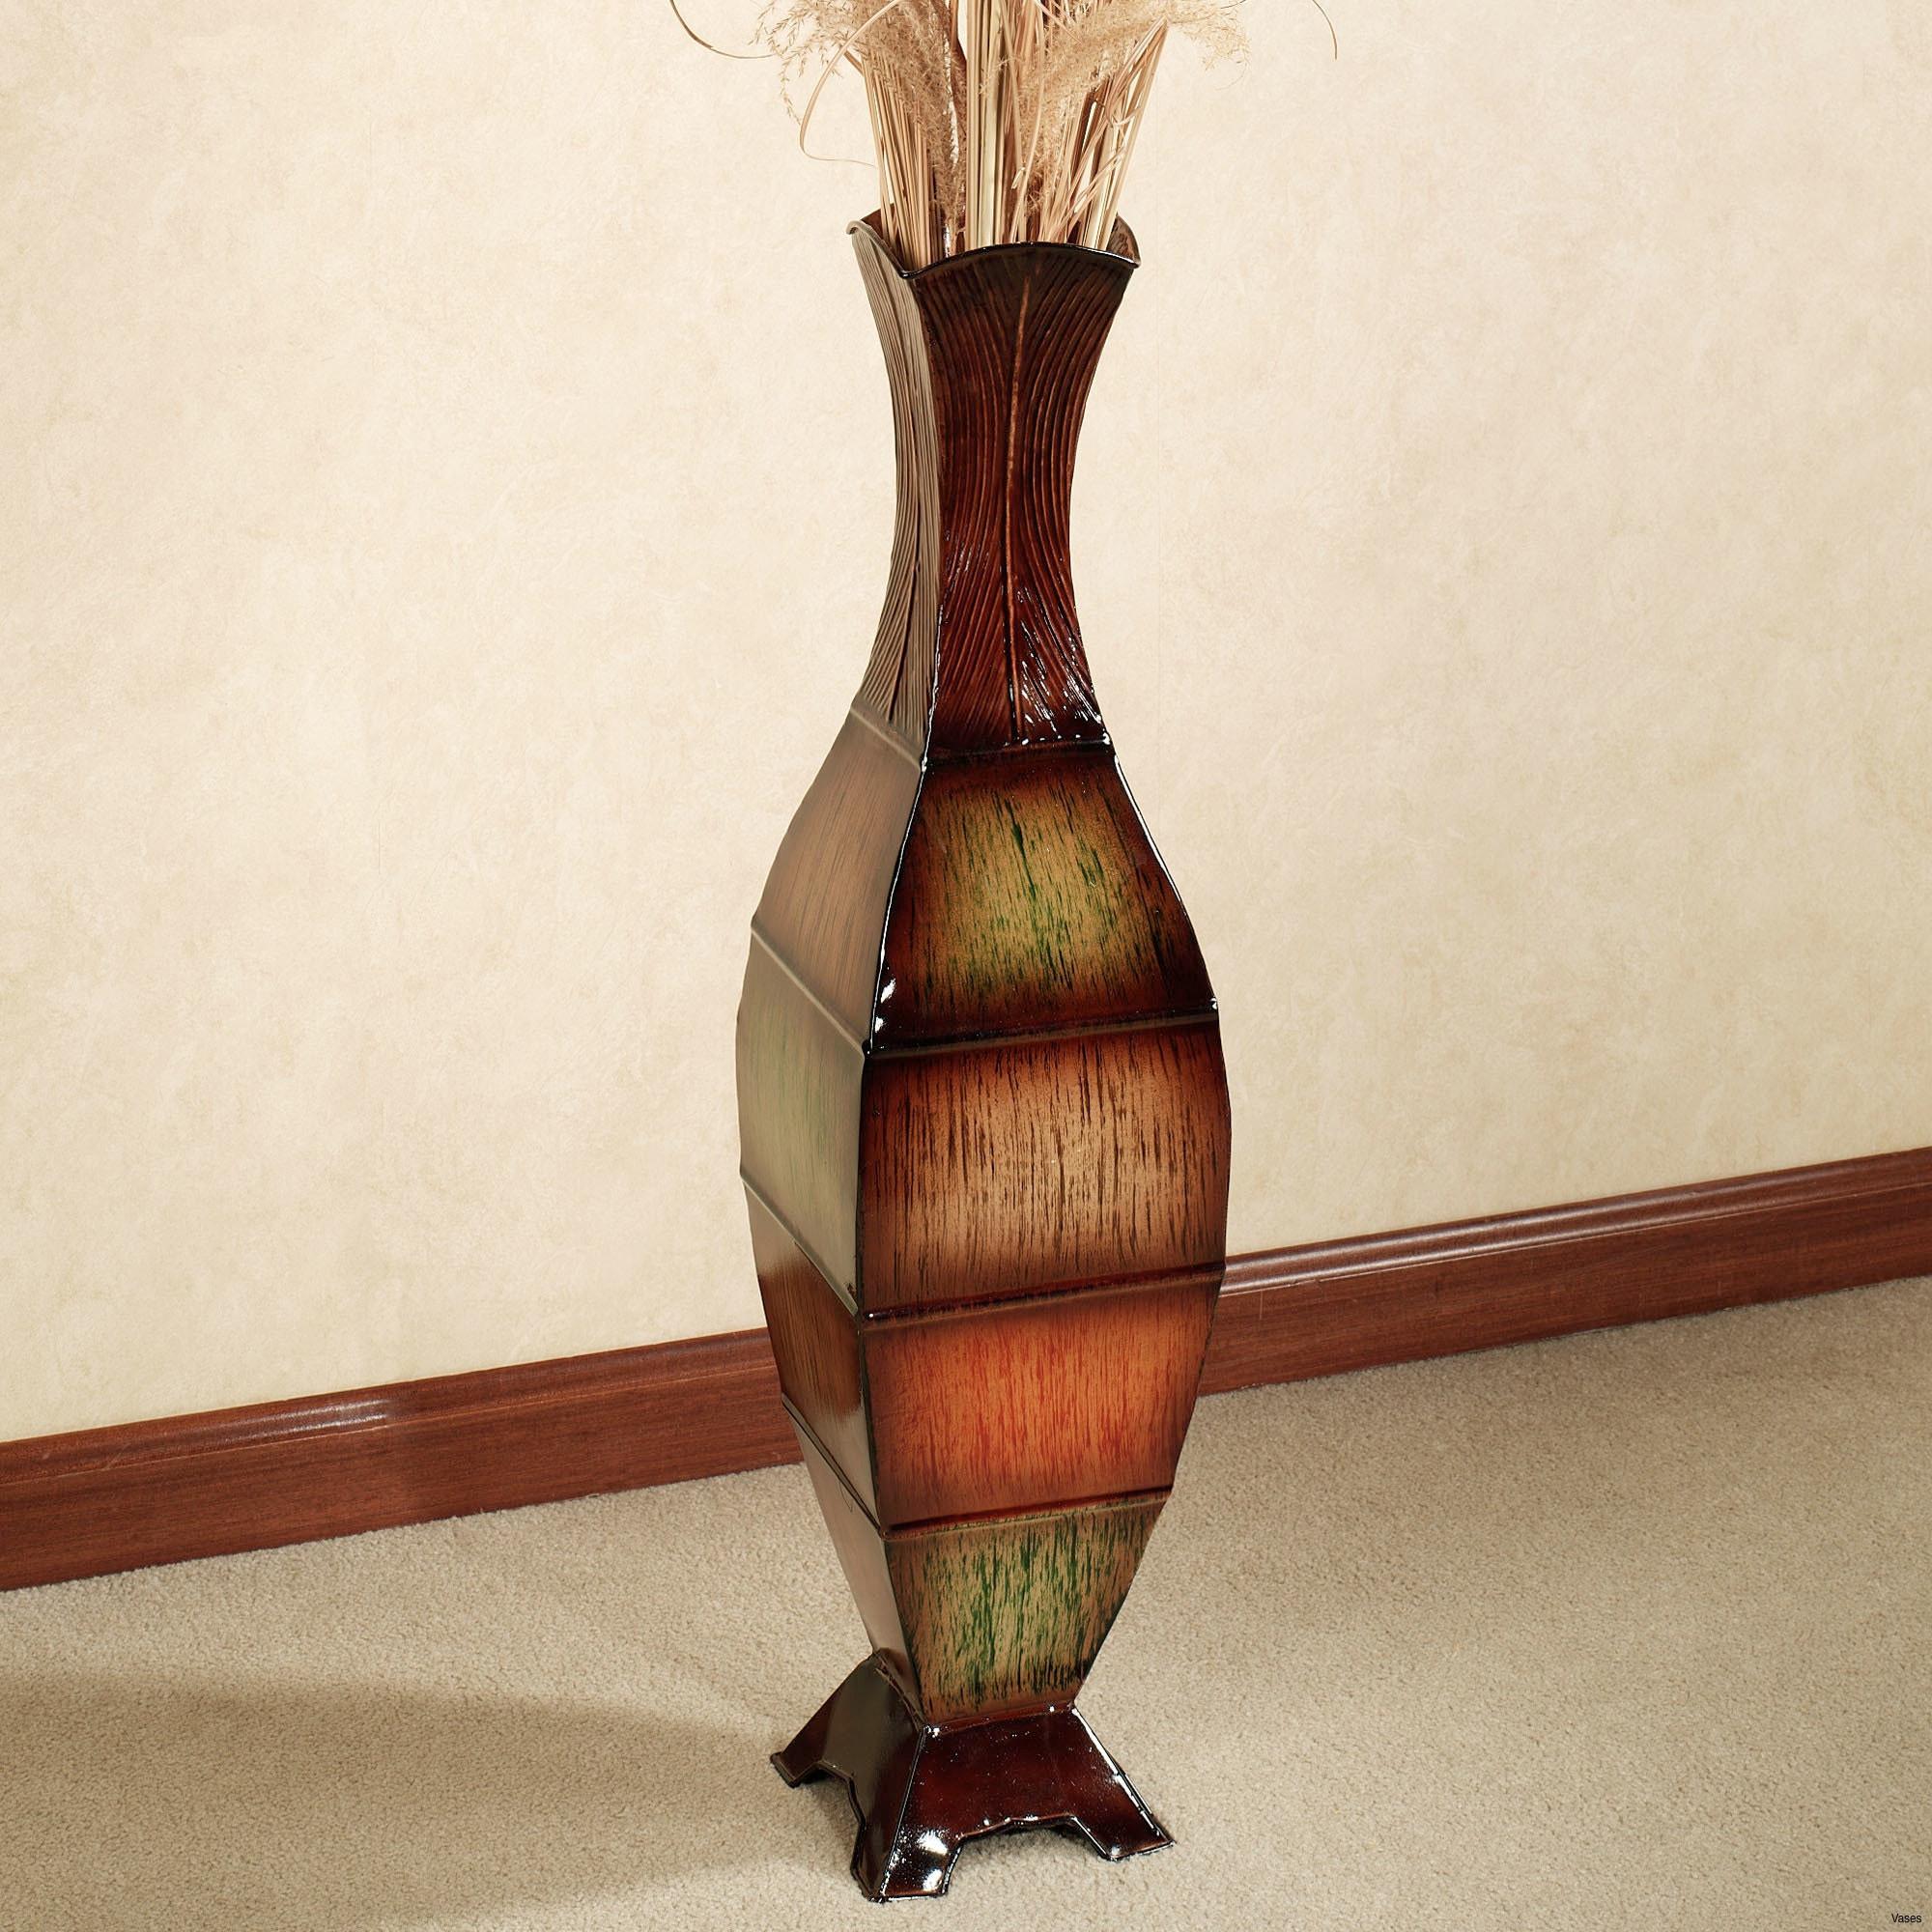 blown glass vases wholesale of 10 best of bamboo vase bogekompresorturkiye com regarding lamps floor contemporary new luxury contemporary floor vasesh vases cheap vasesi 5d bamboo lamps floor